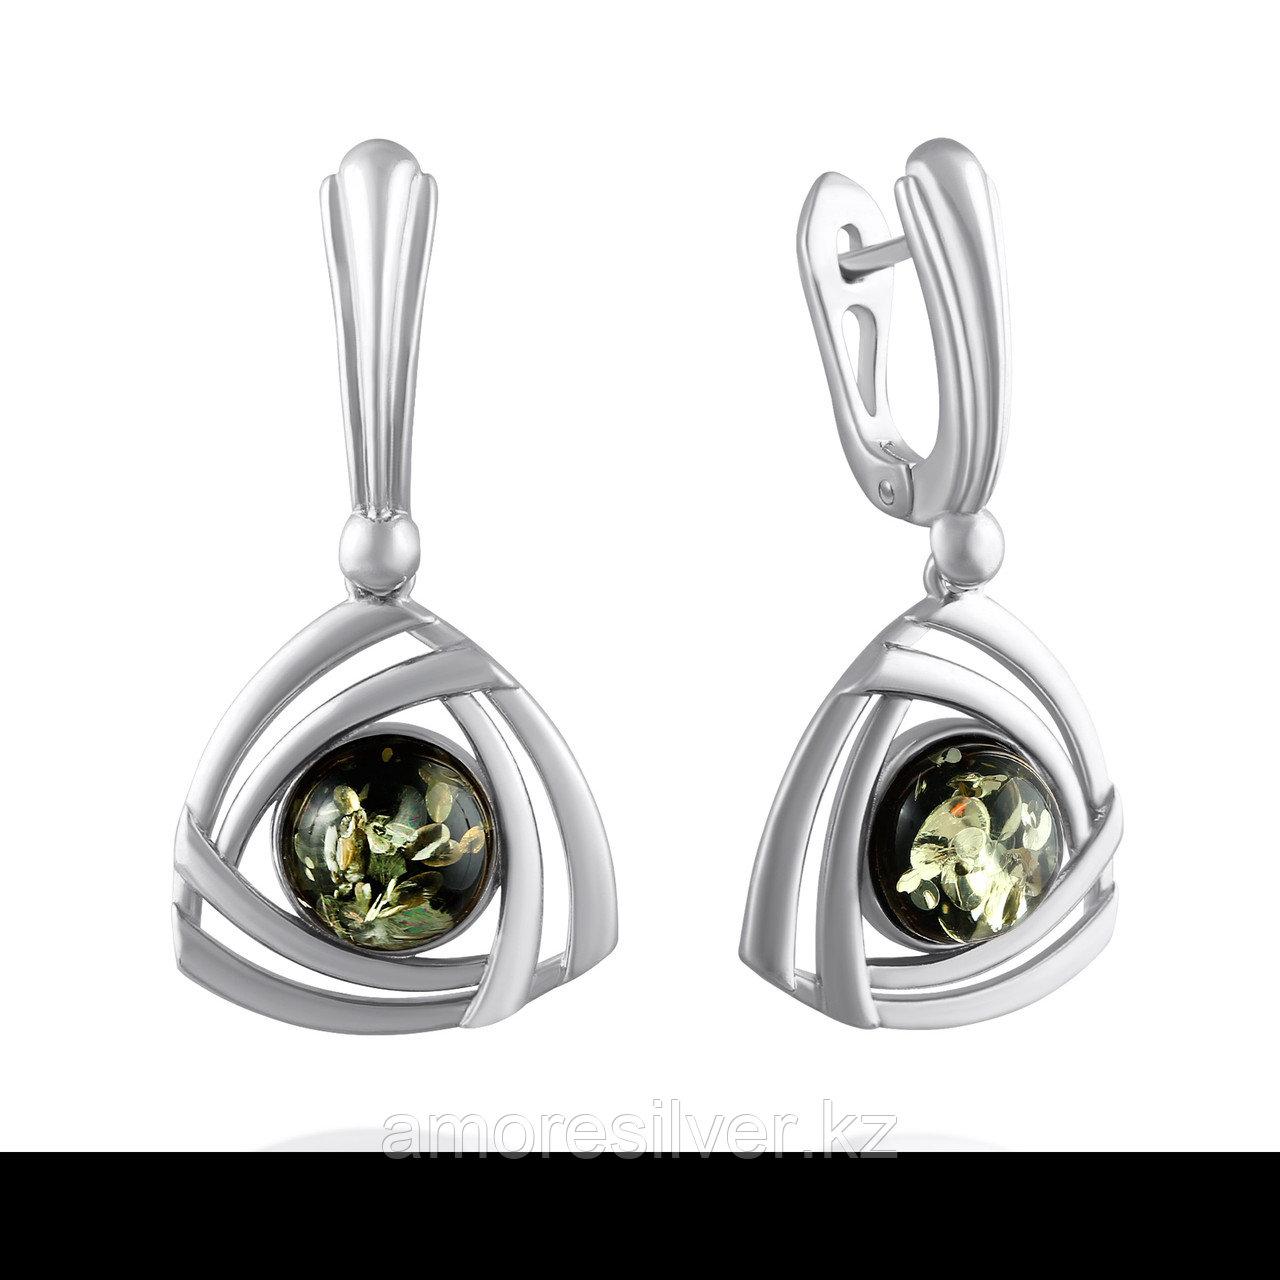 Серьги Darvin серебро с родием, янтарь зеленый,  929011363ab